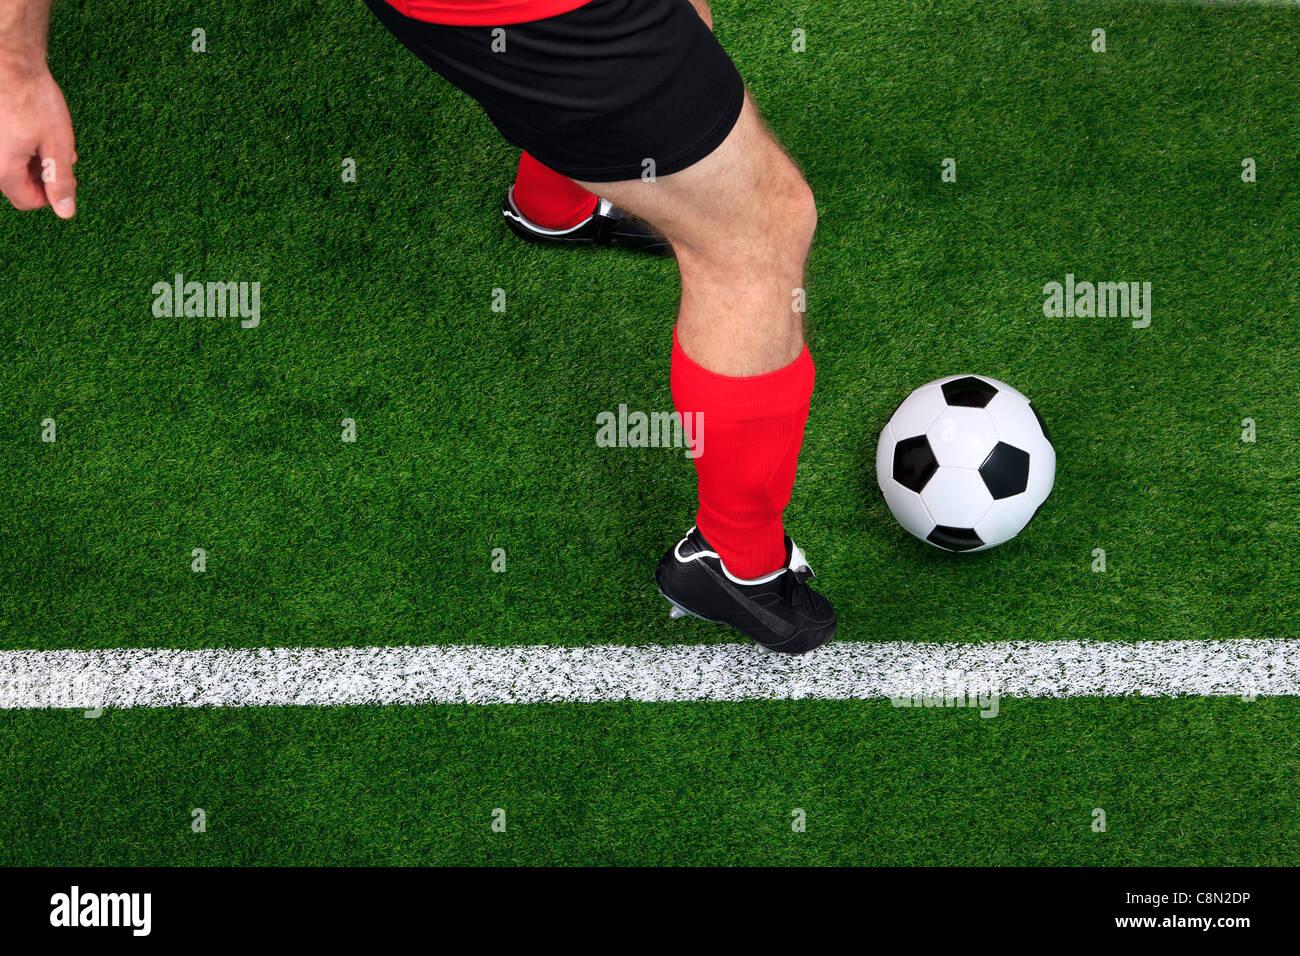 Foto aerea di una partita di calcio o giocatore di calcio dribbling con la palla sul collaterale Immagini Stock